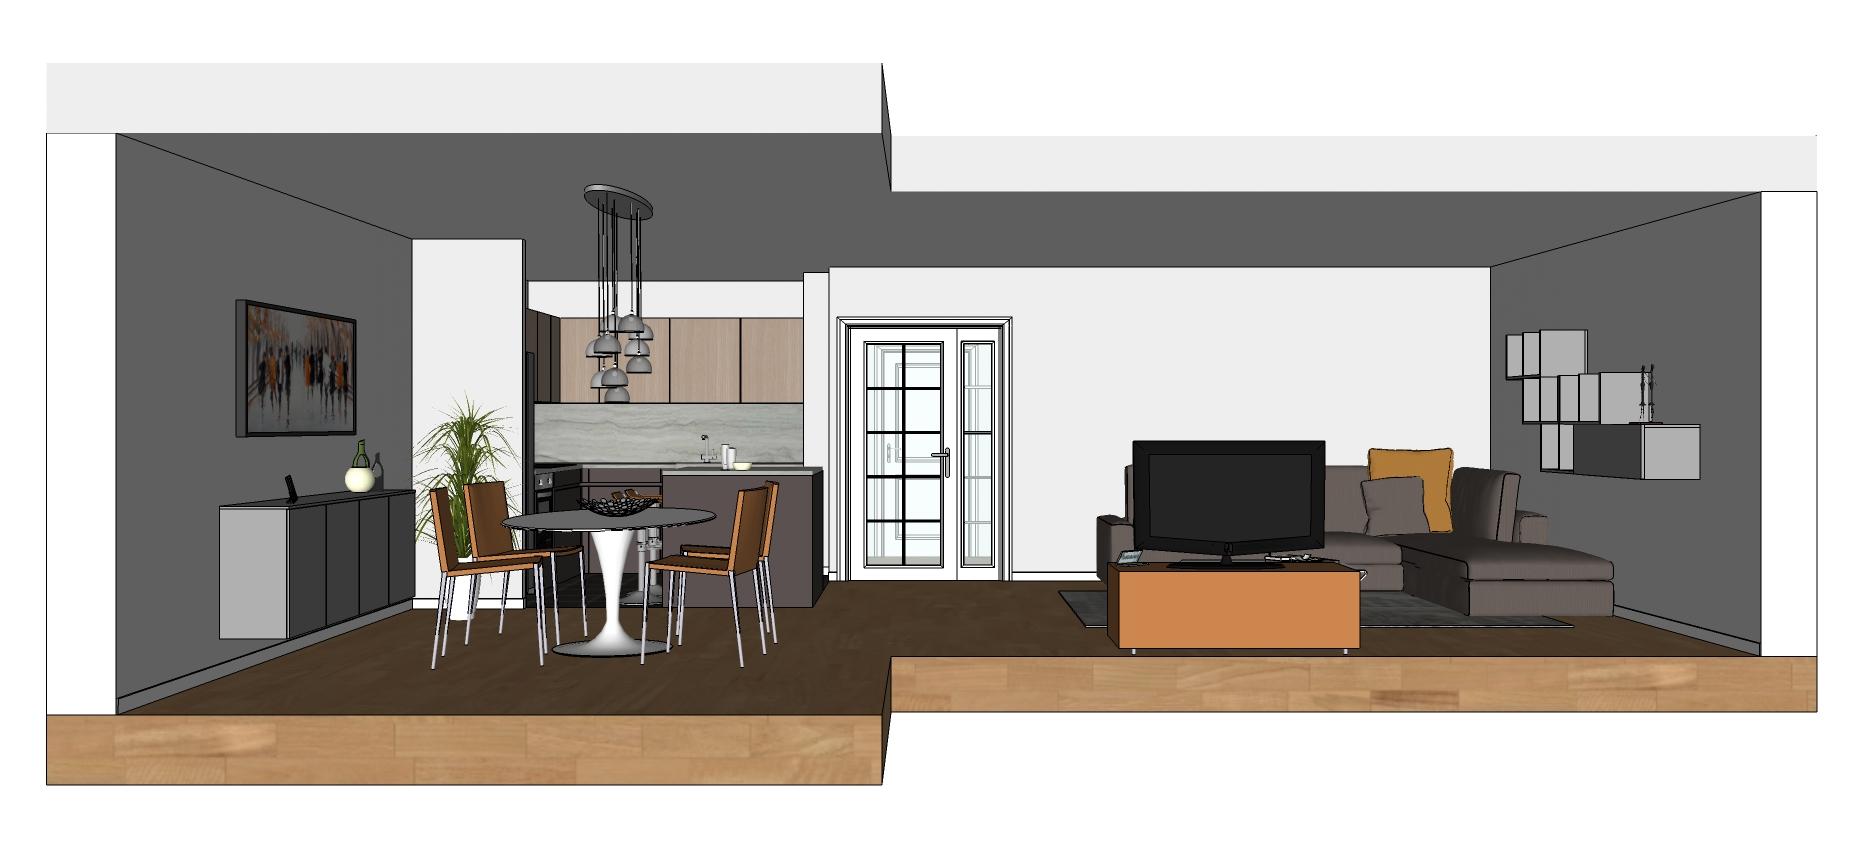 5 errori da evitare come creare un piccolo open space di 25 mq arredando cucina e soggiorno. 3107 Open Space Diotti Com